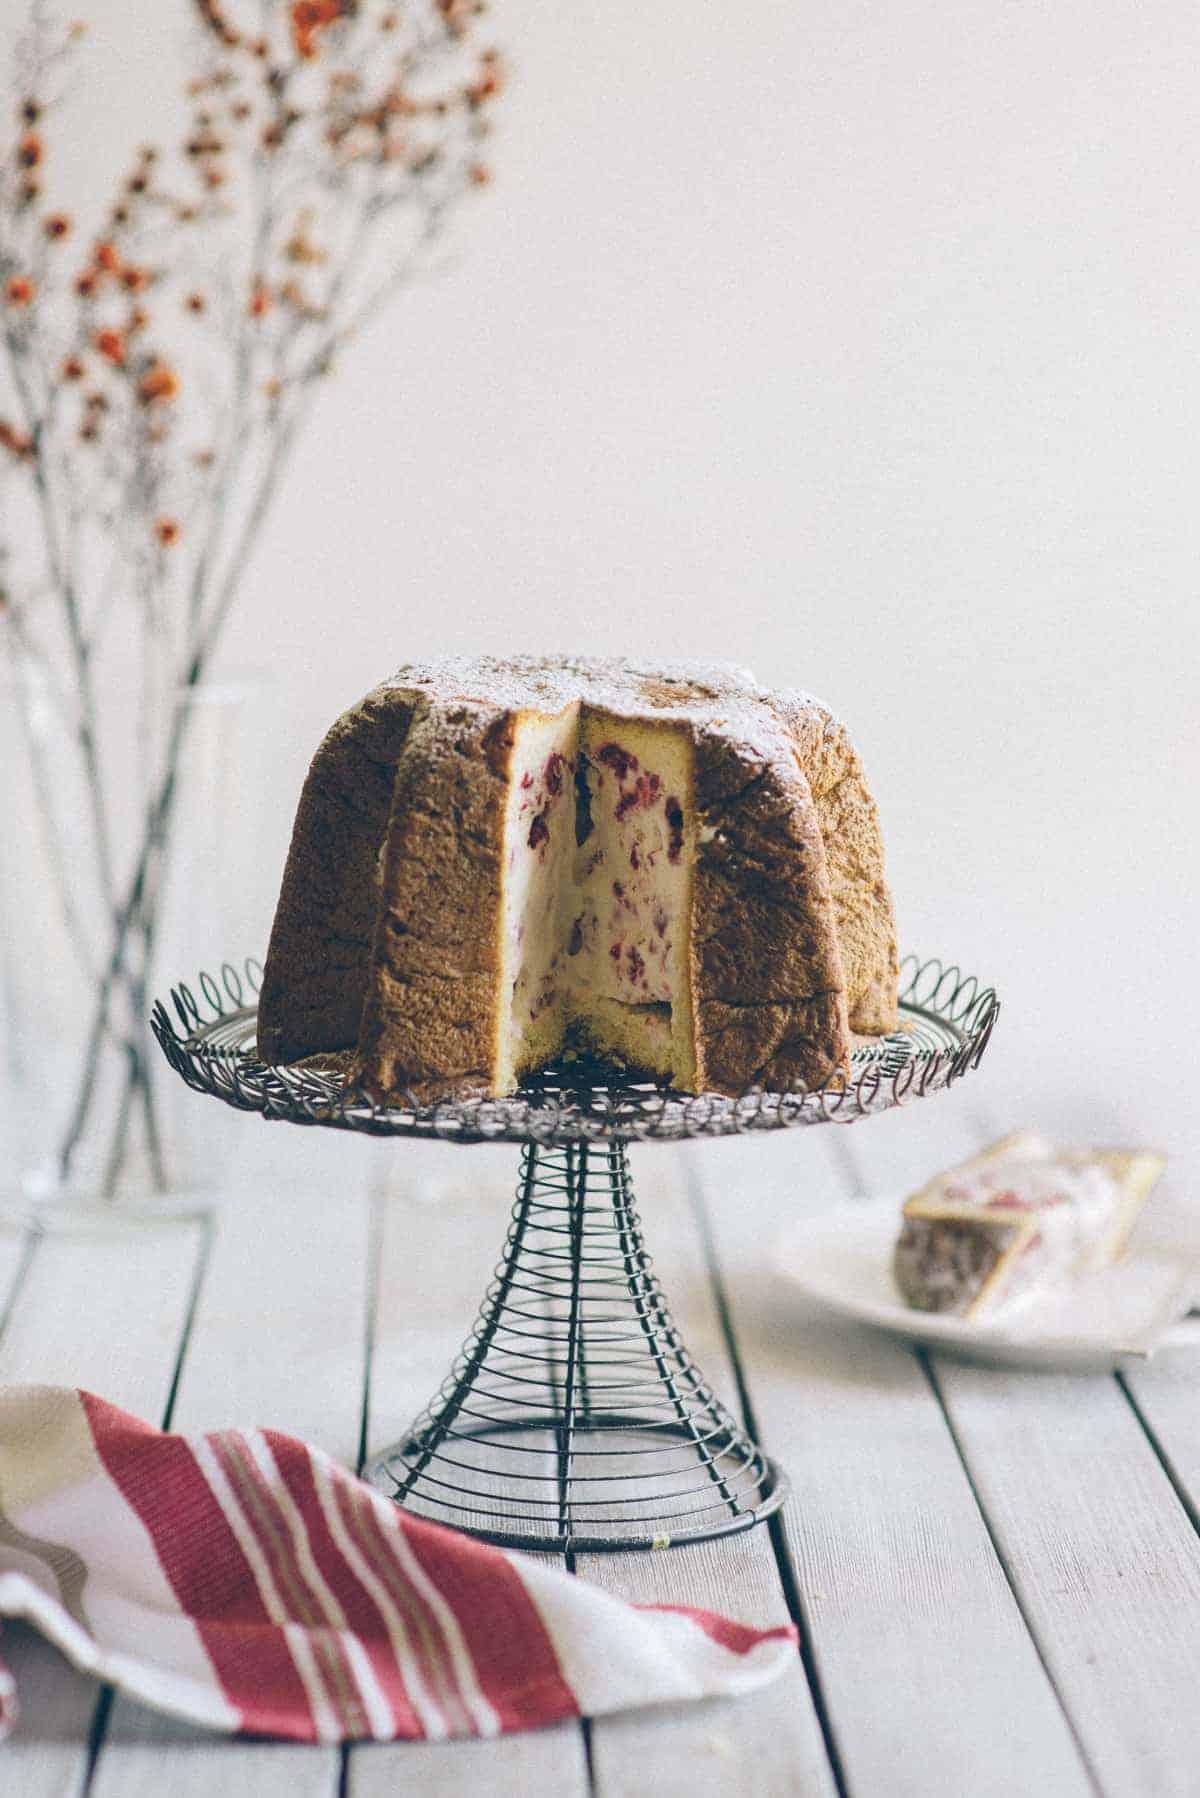 Pandoro Ice Cream Cake